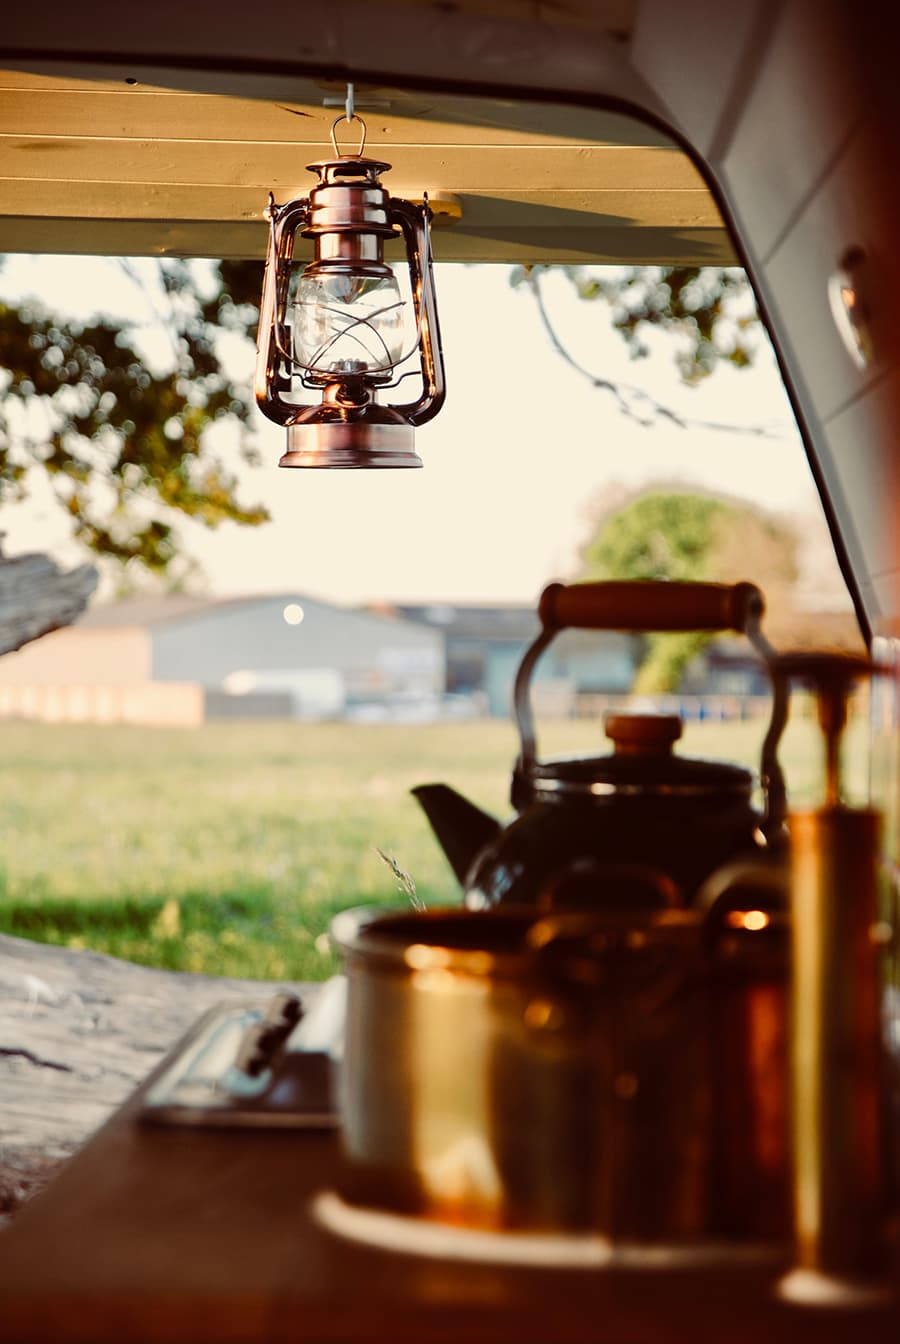 rustic camper can